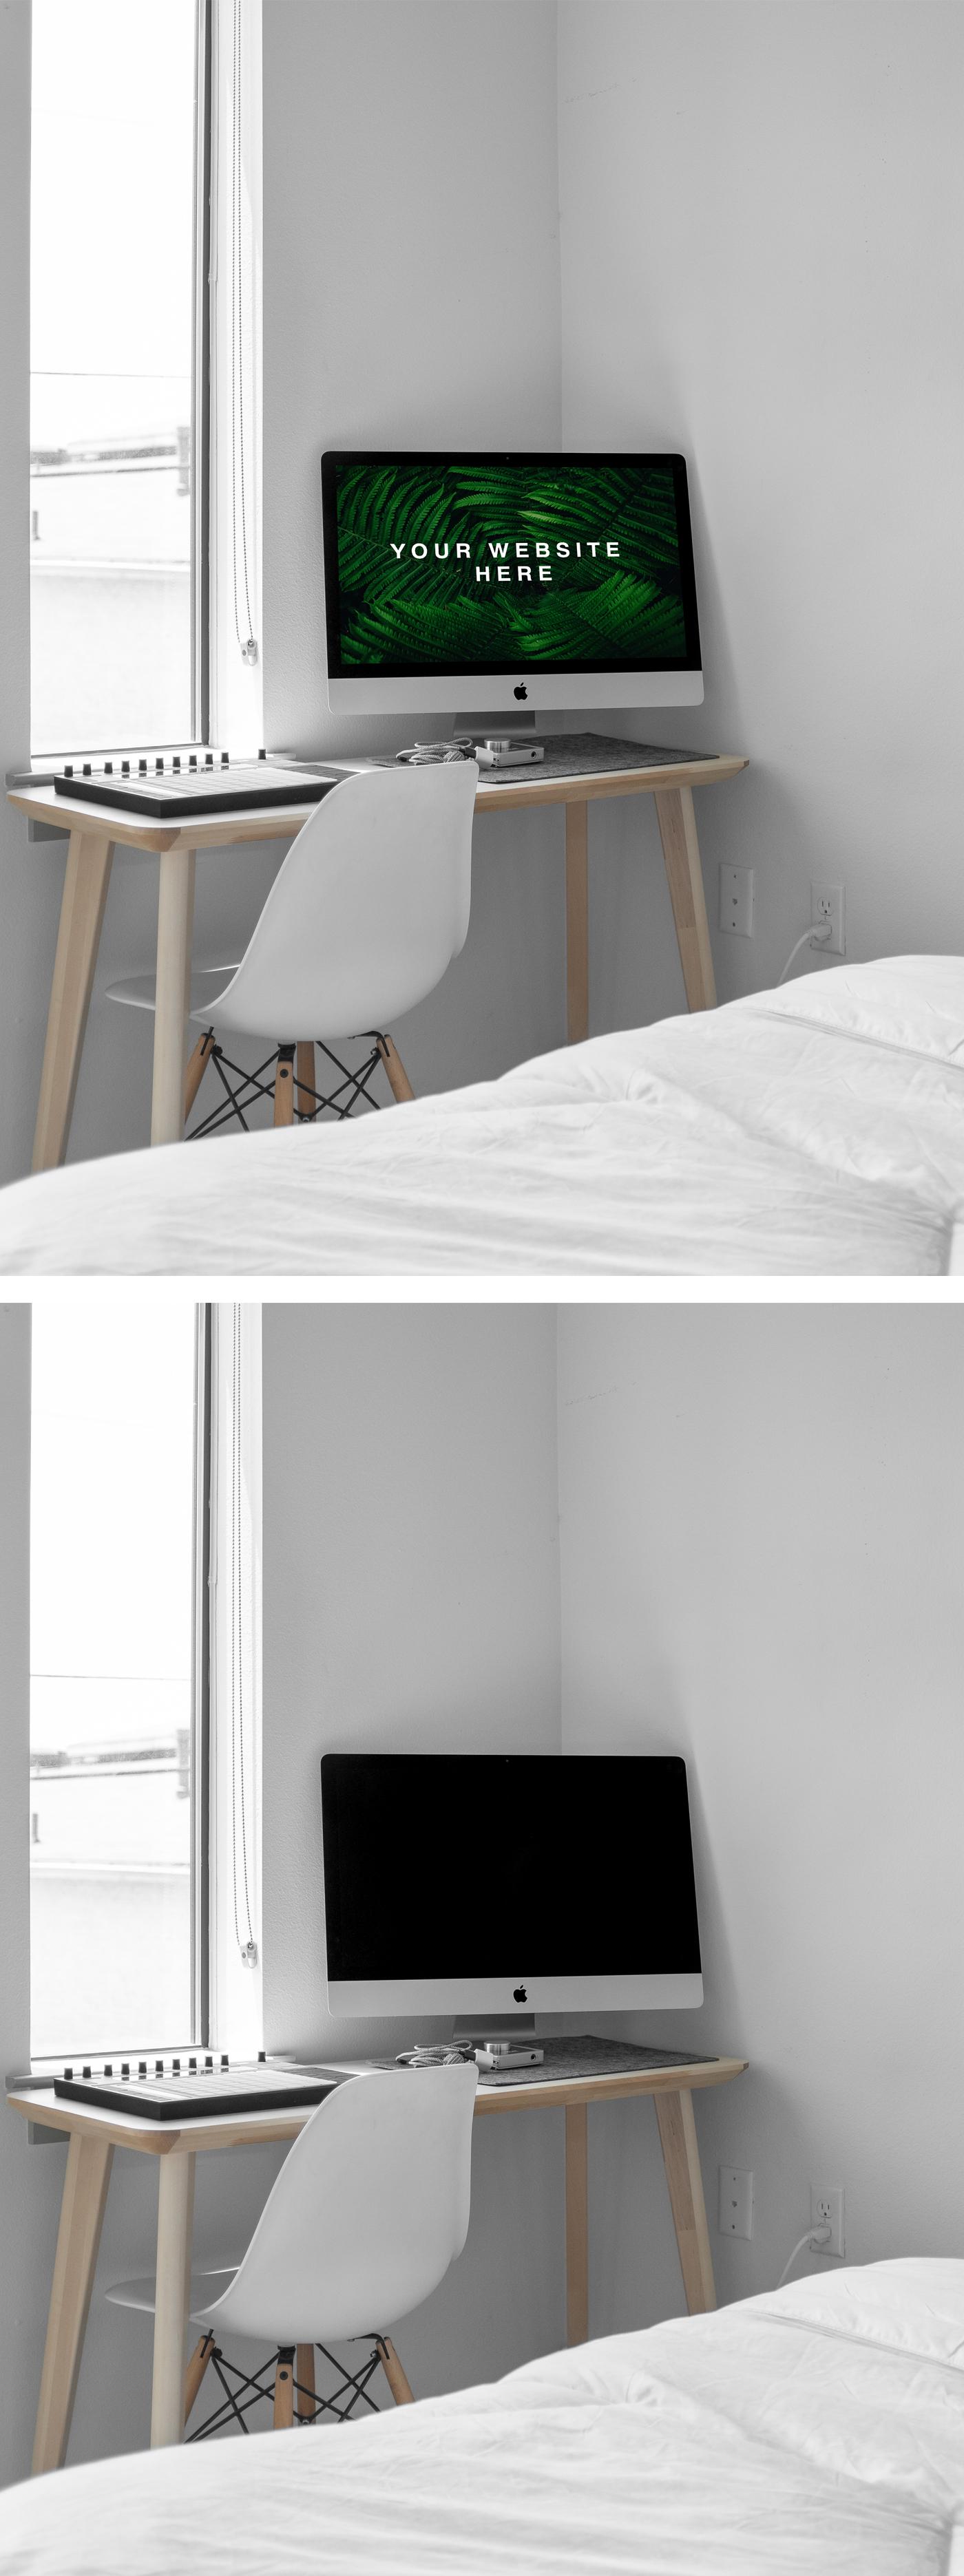 iMac在房间里的PSD样机